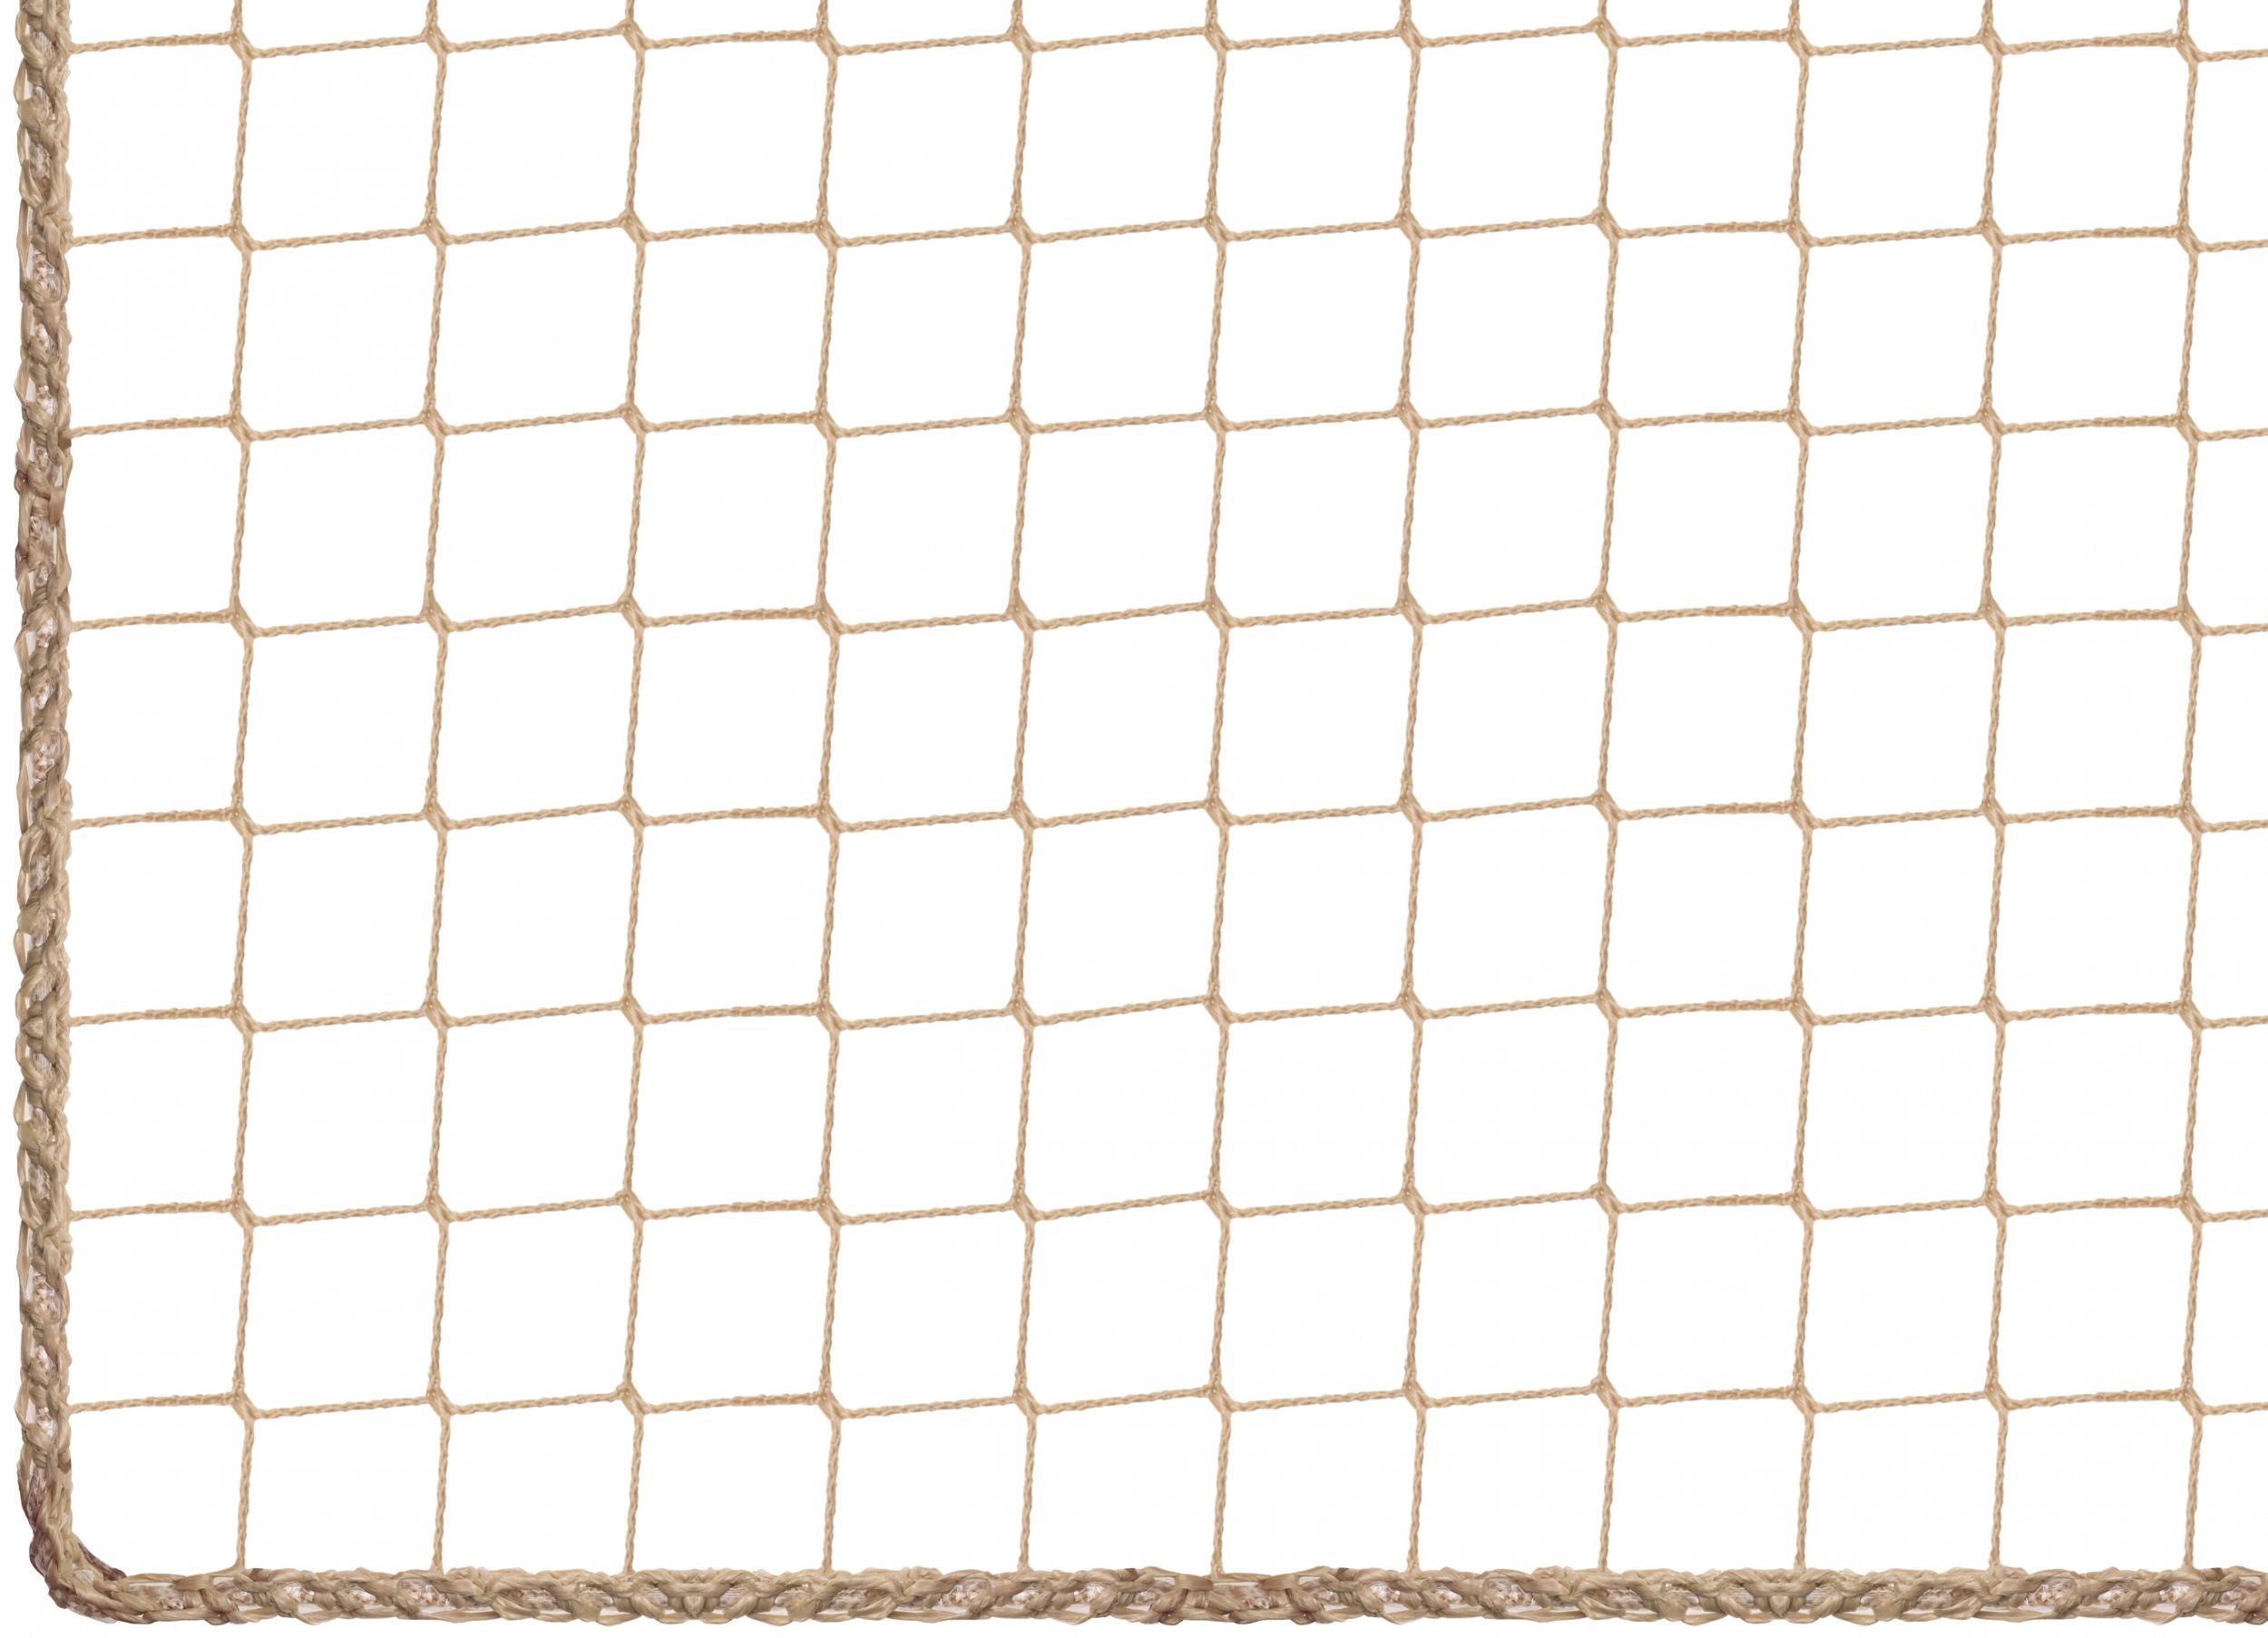 Netz Spannen netz spannen tennis platz u gerte pflege teil das tennis netz